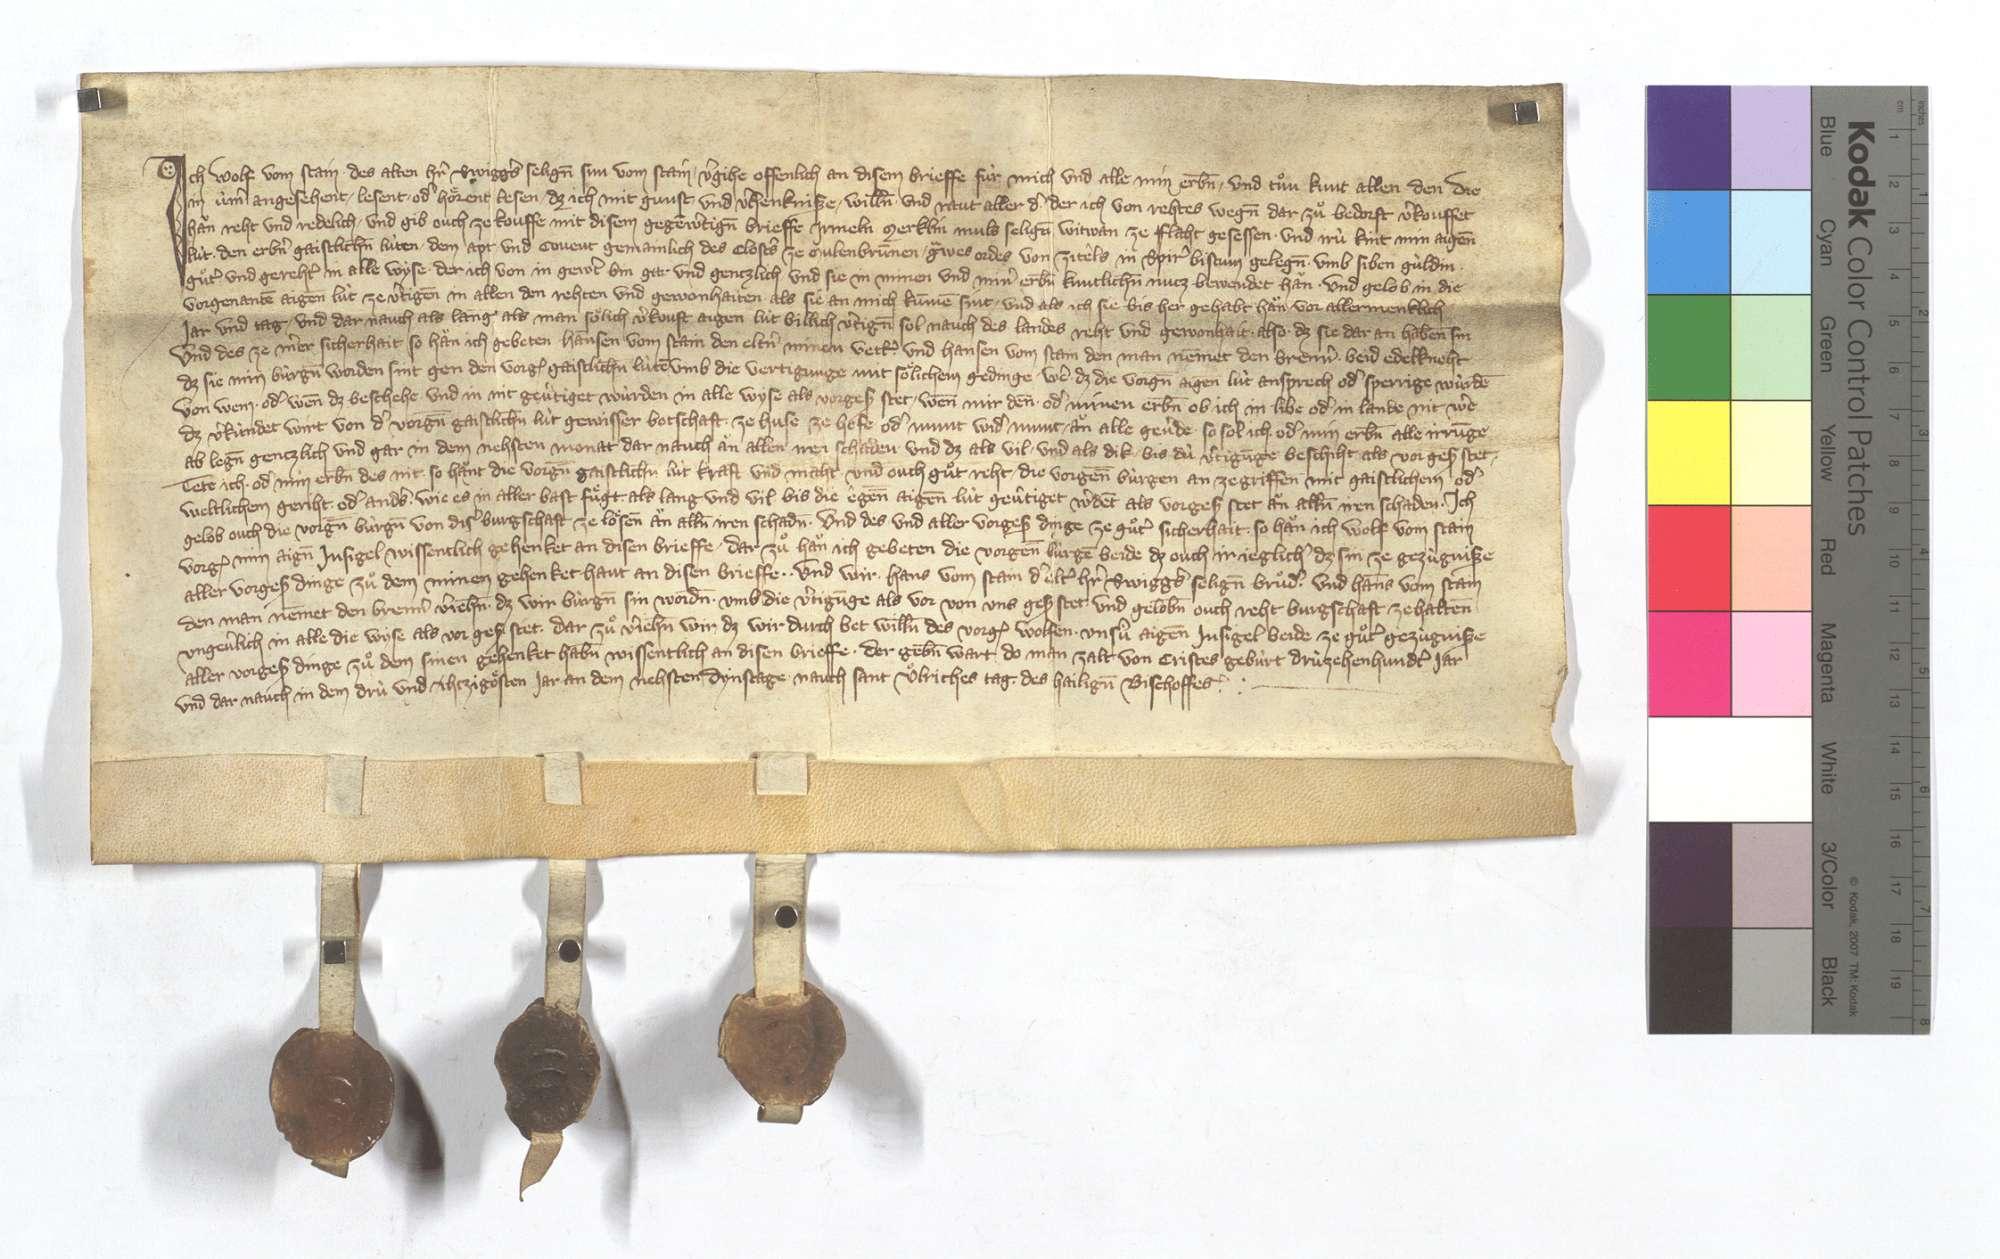 Fertigung des Wolf vom Stein um eine leibeigene Frau und ihre Kinder in Flacht., Text